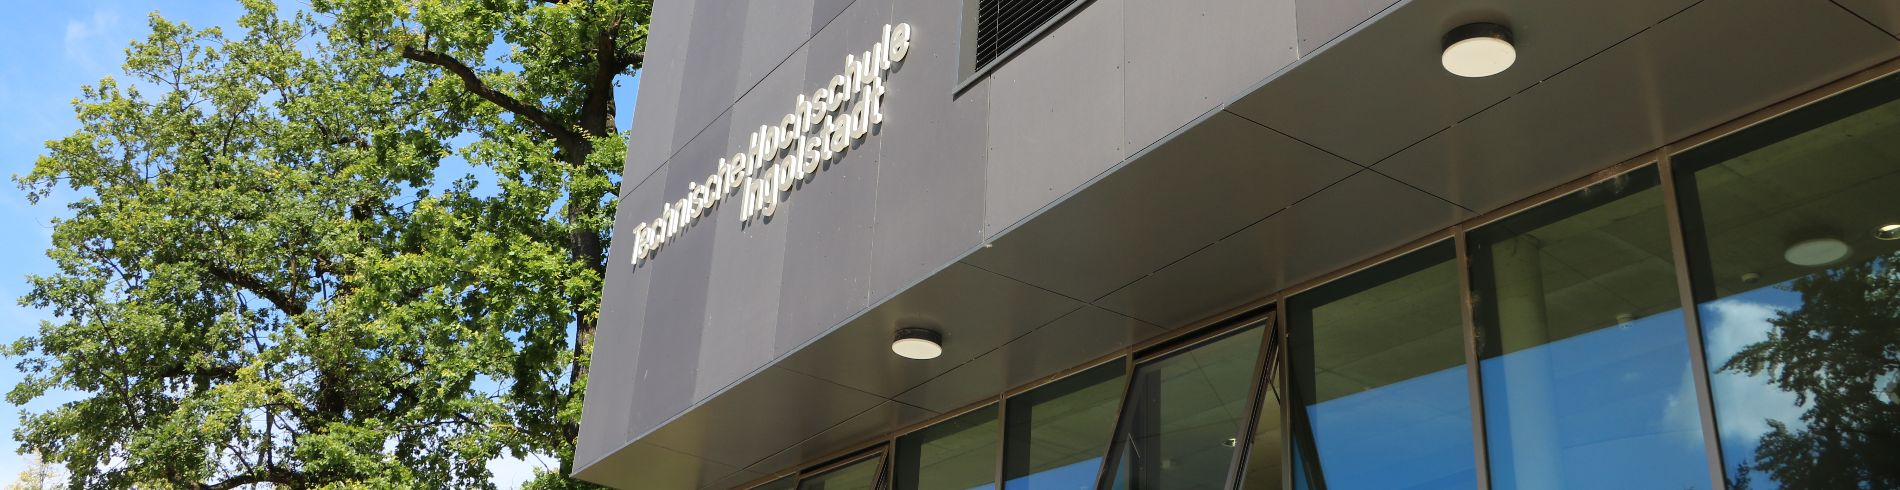 Technische Hochschule Ingolstadt cover image